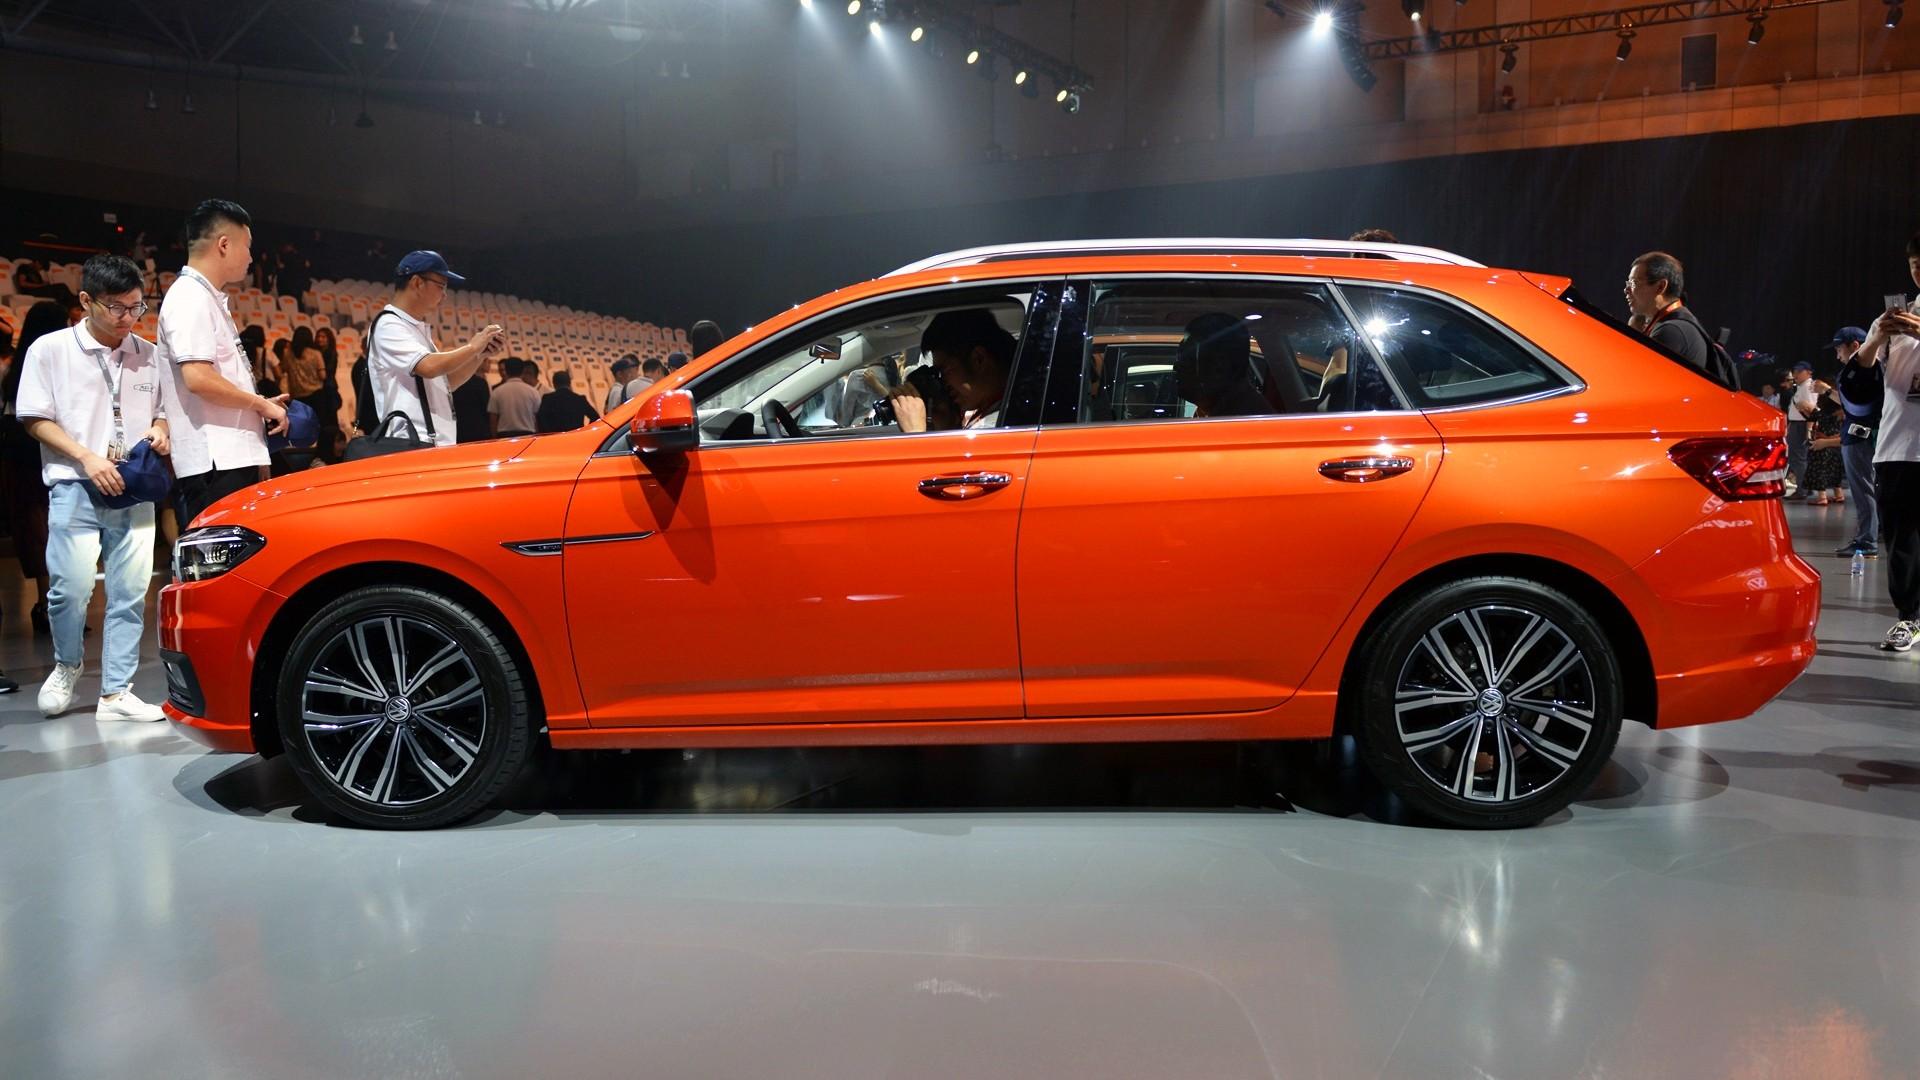 Нарынок вышел новый седан VW Lavida Plus